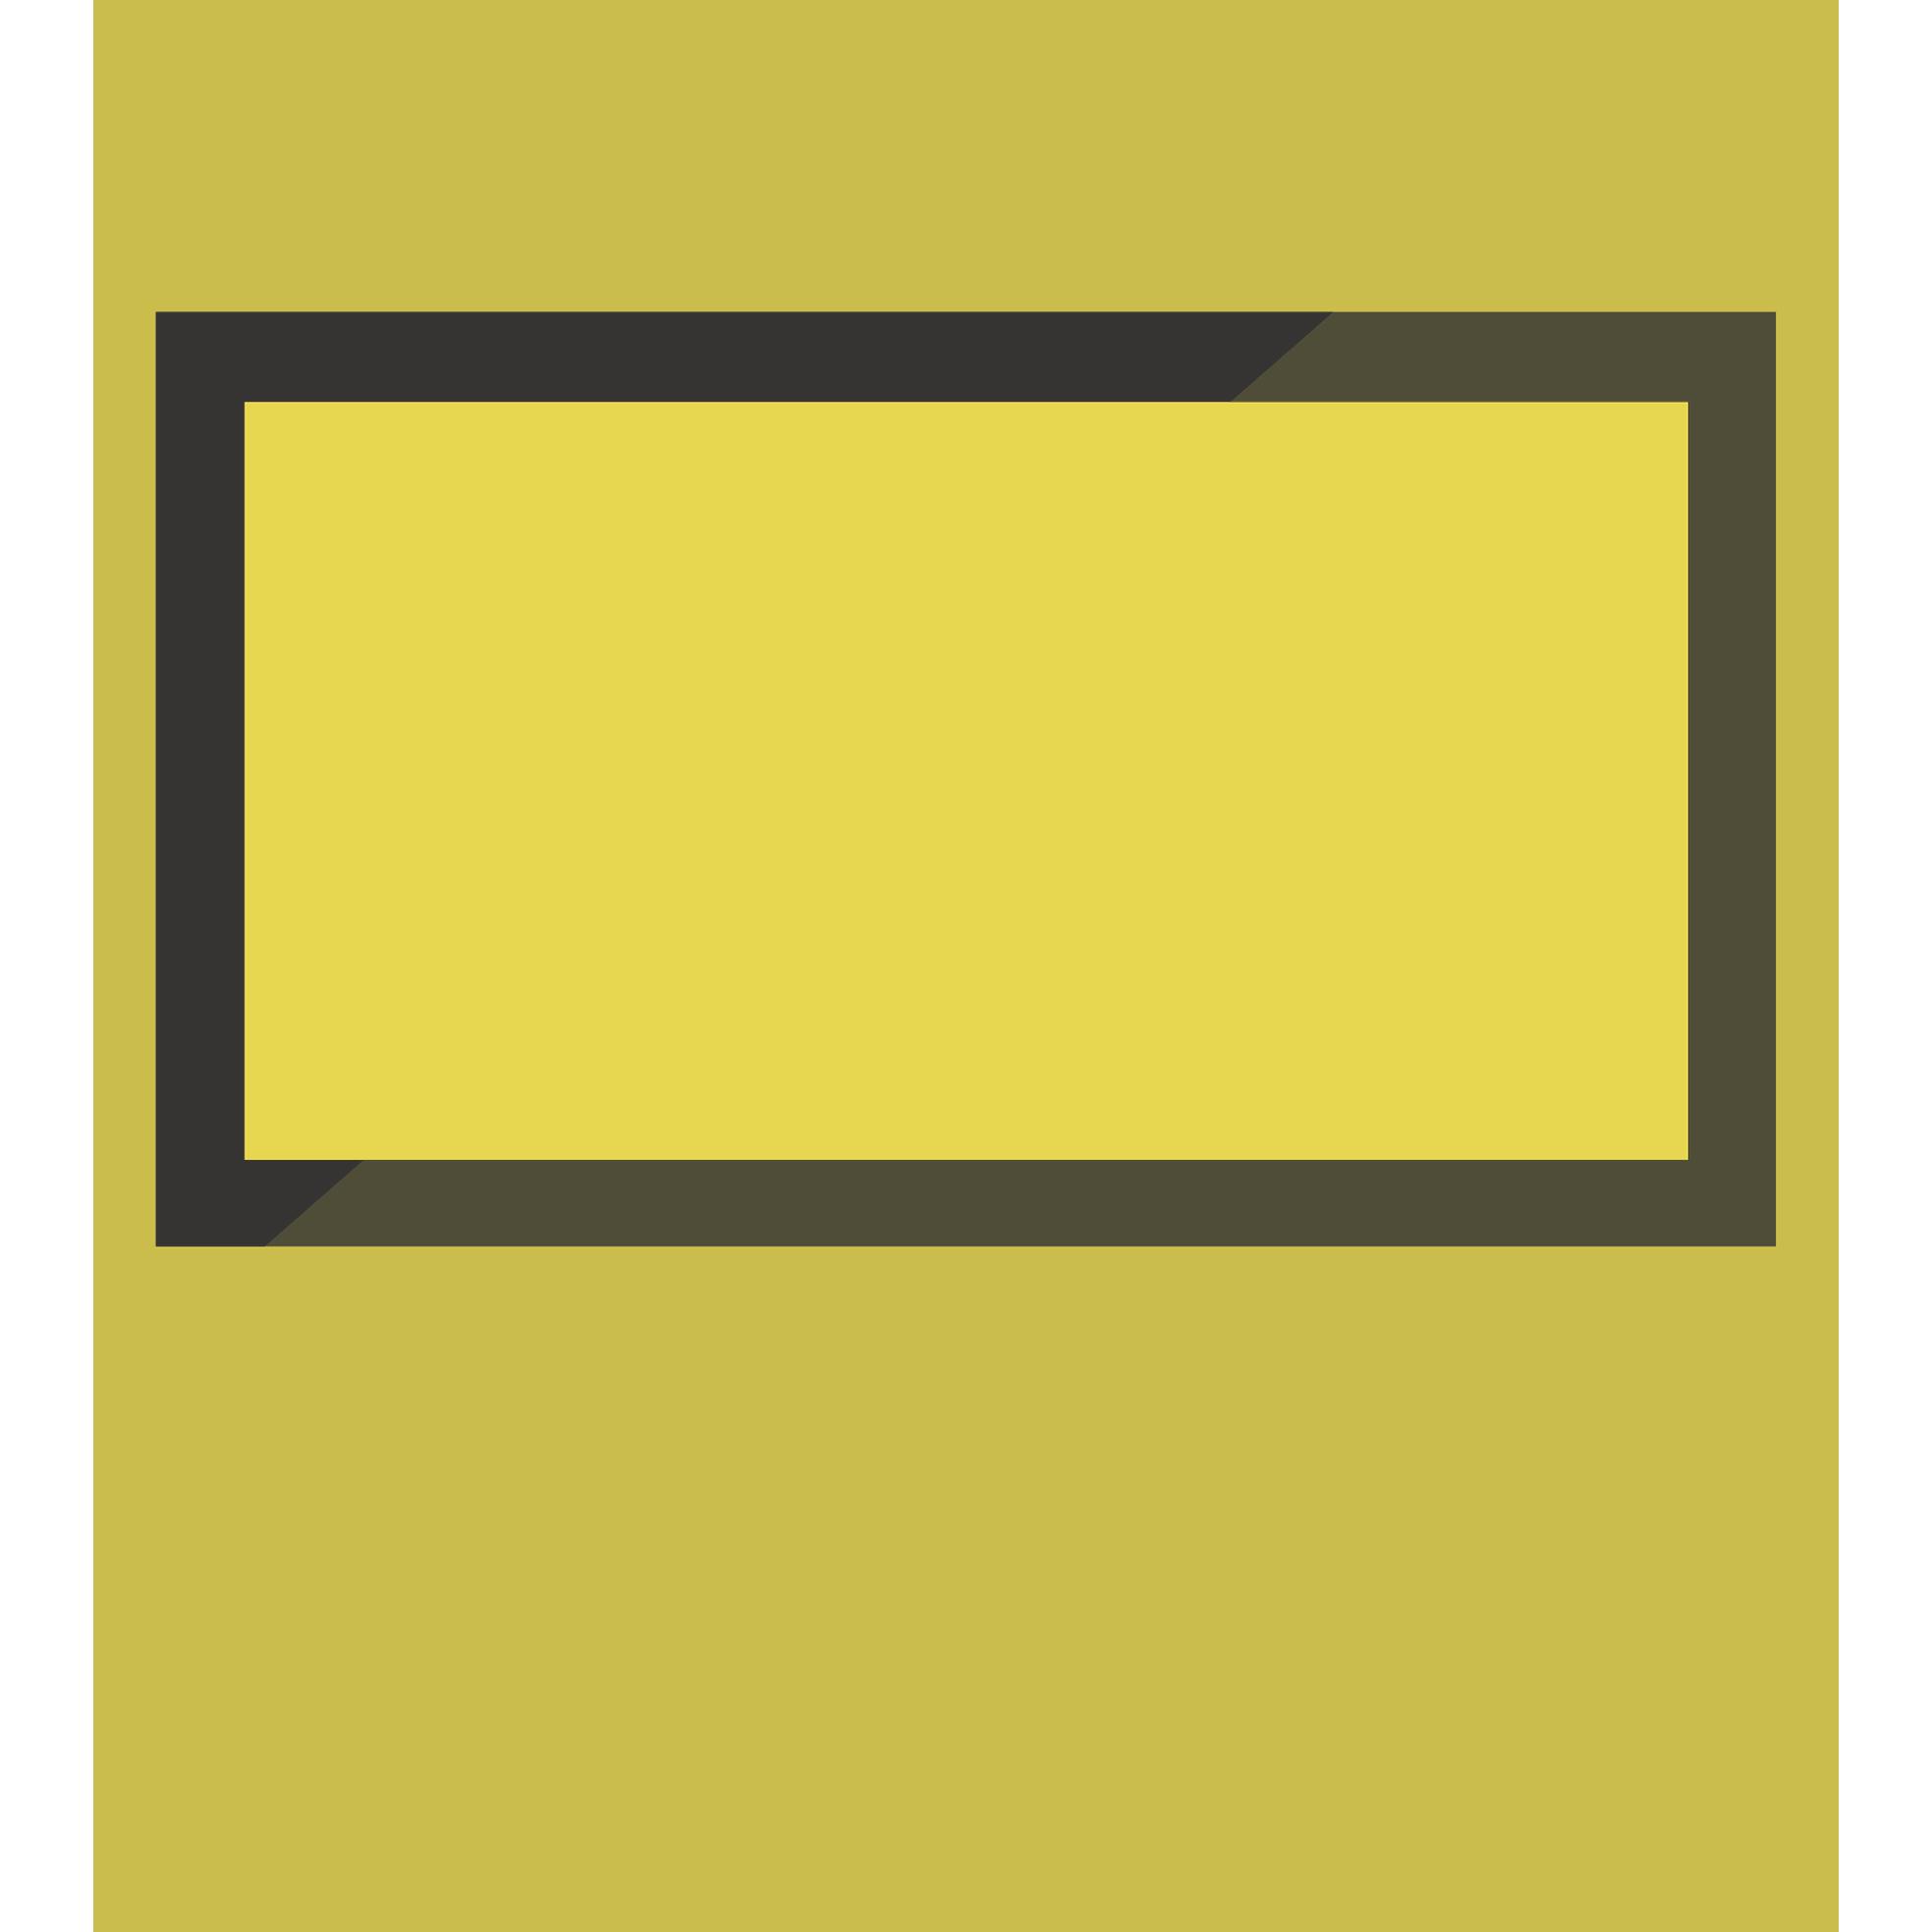 Instalación de pendones publicitarios